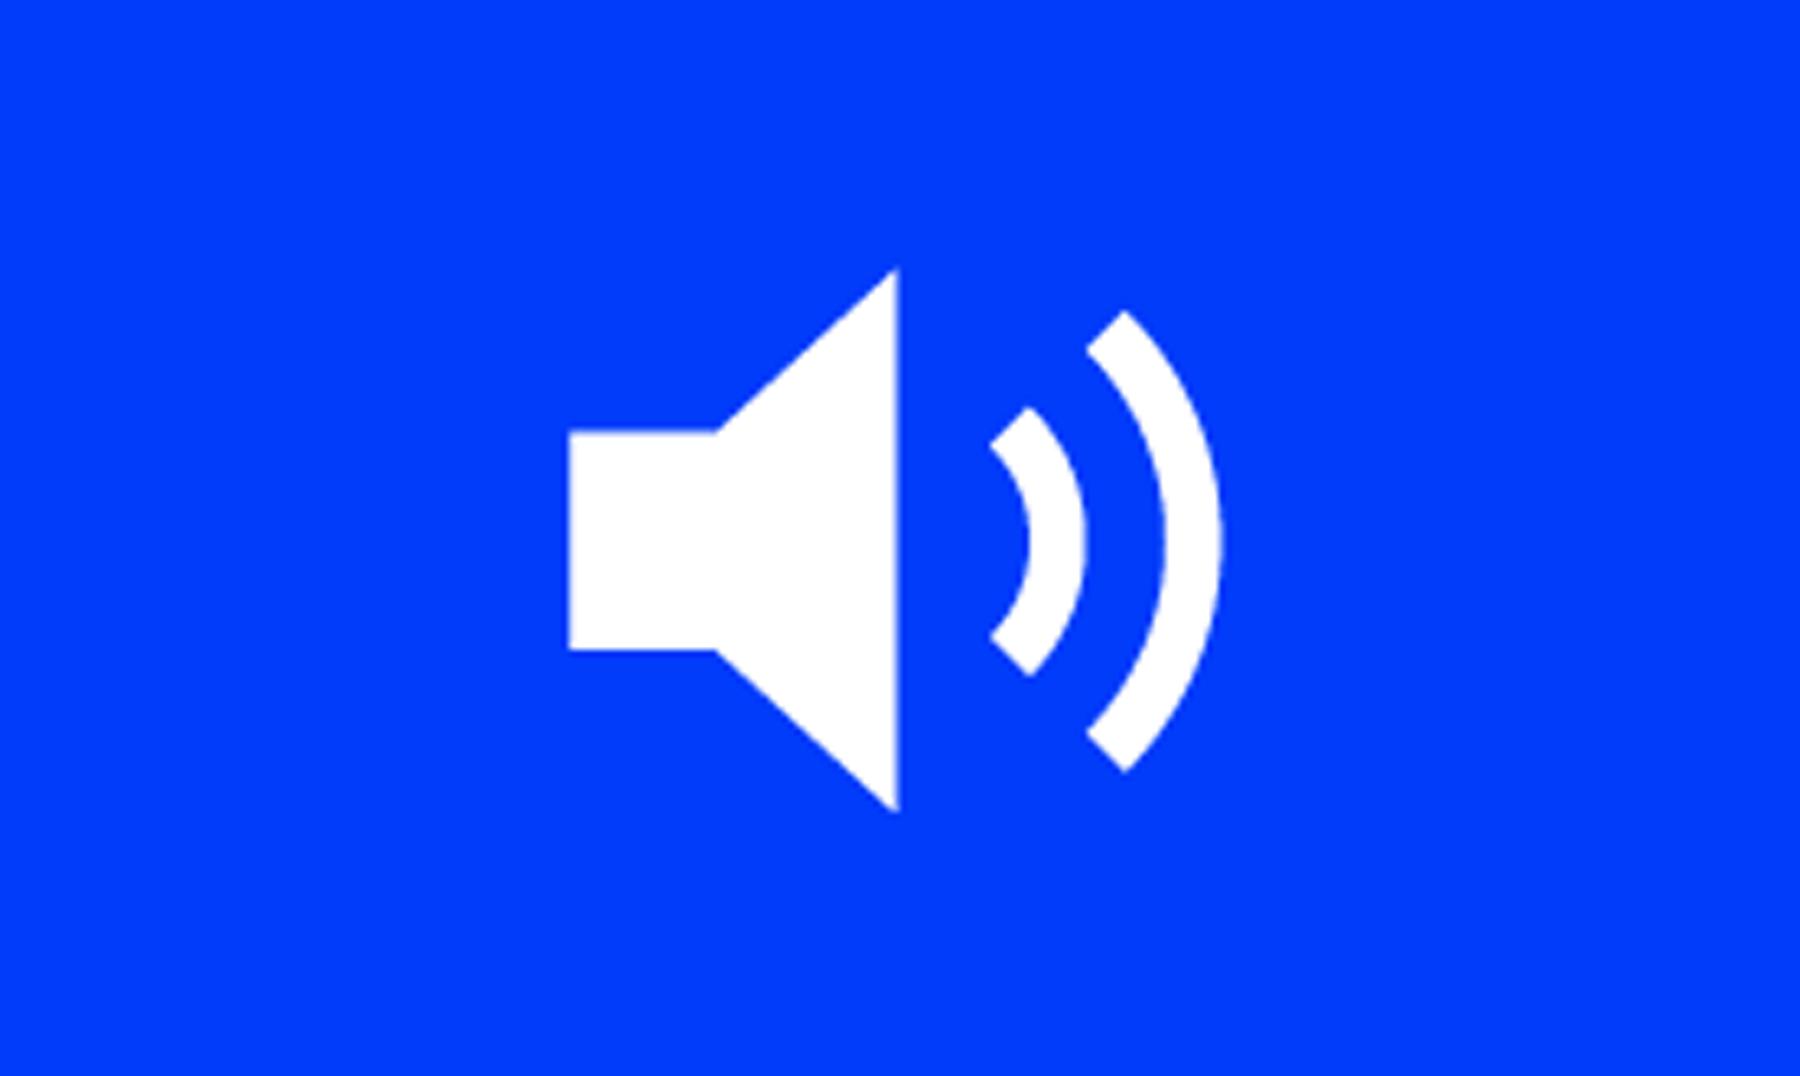 Podcast: Sproglaboratoriet